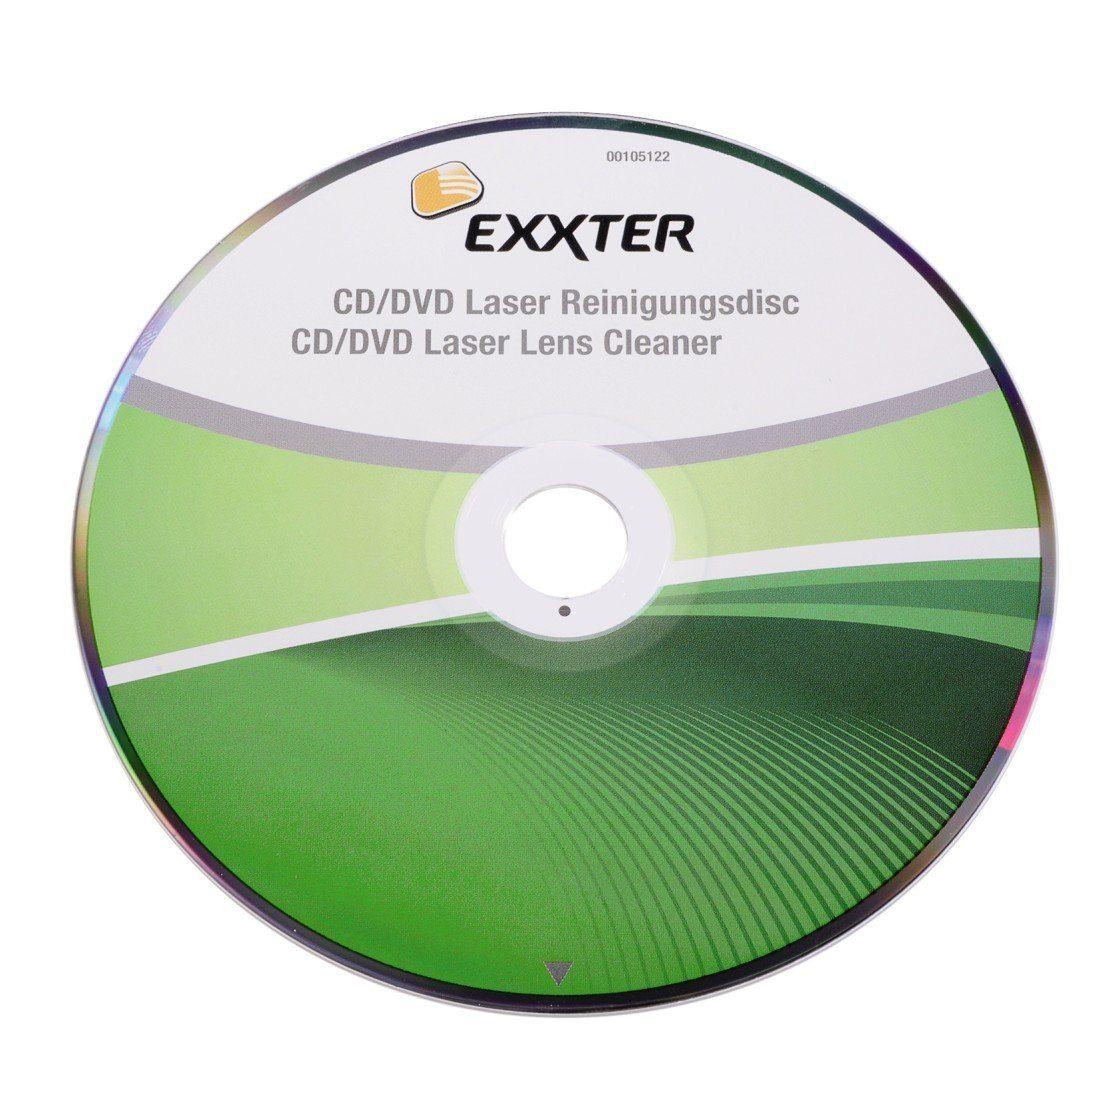 Exxter CD-/DVD-Laserreinigungsdisc